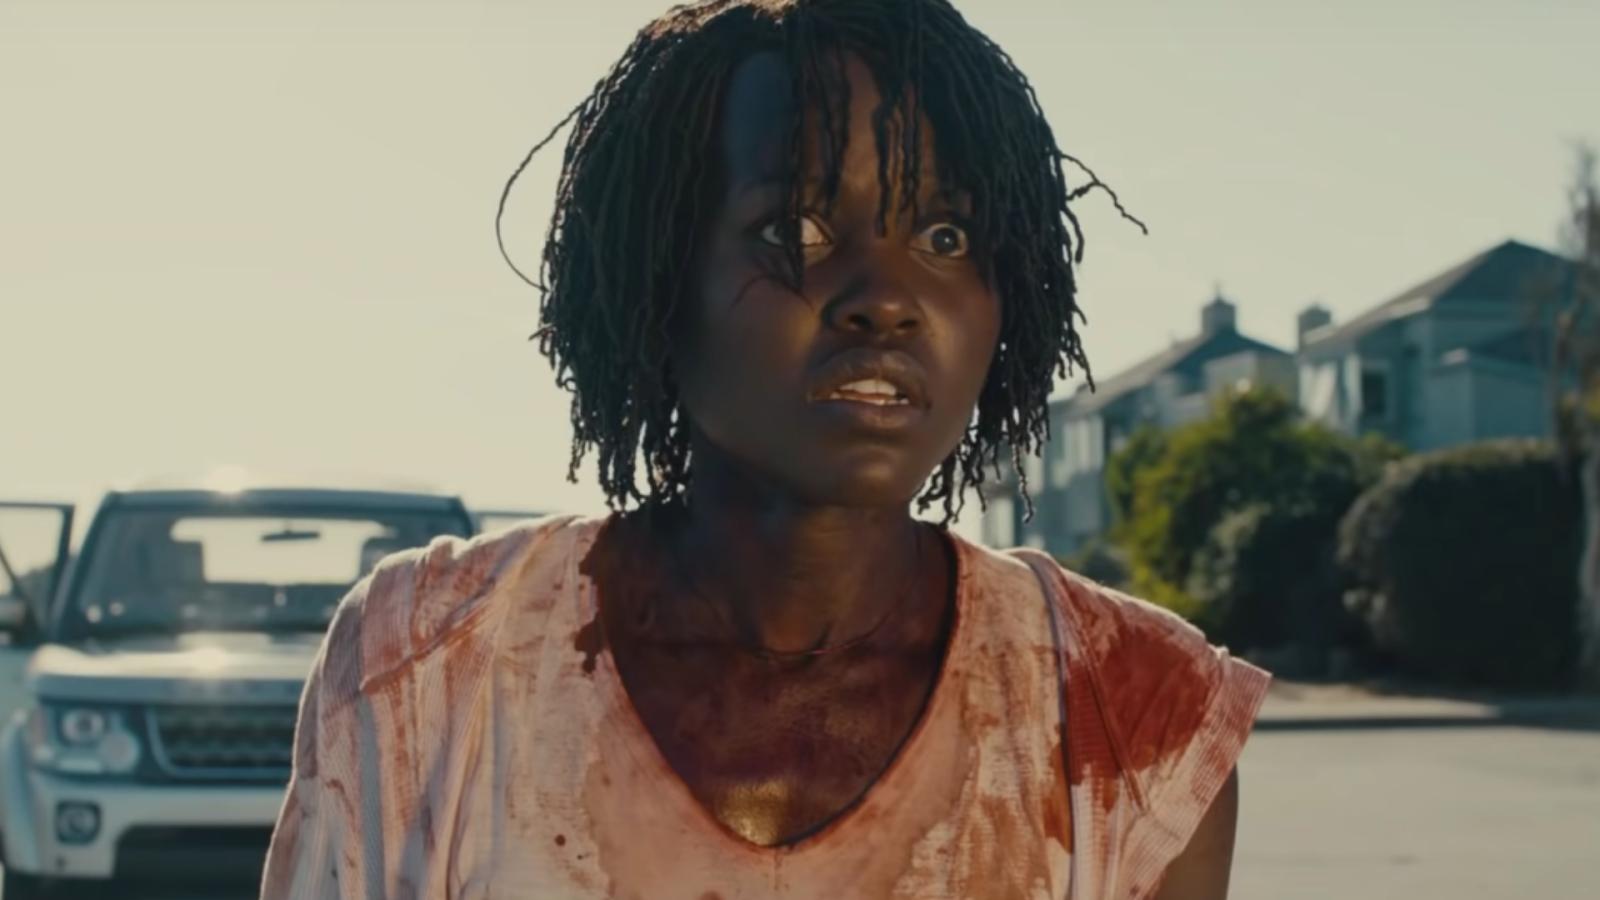 10 самых ожидаемых арт-фильмов 2019 года